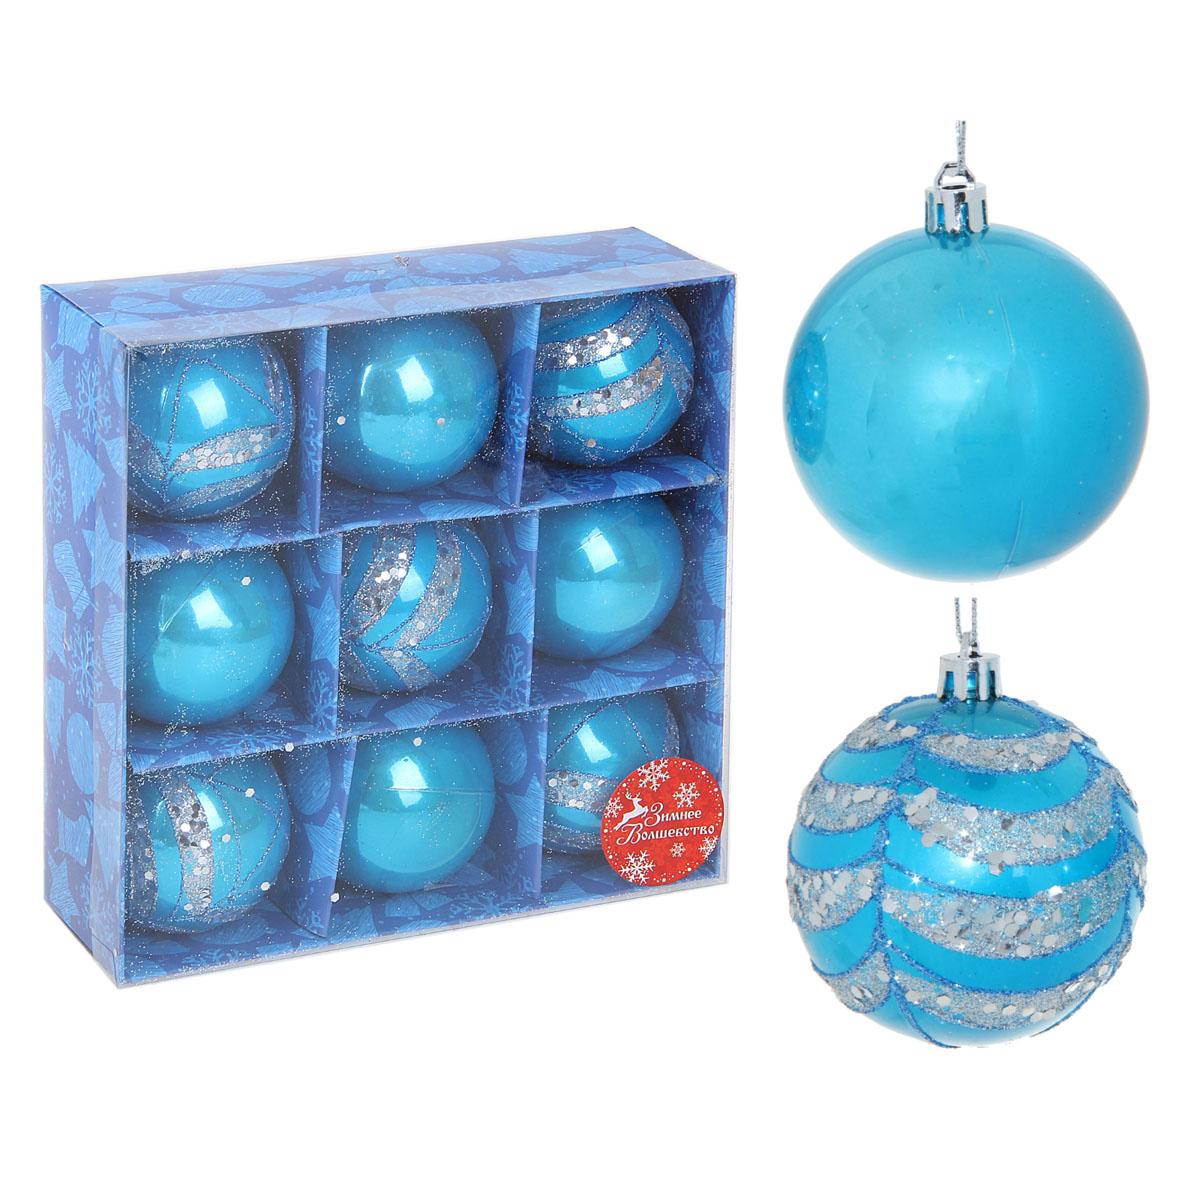 Набор новогодних подвесных украшений Sima-land Шар, цвет: голубой, диаметр 6,5 см, 9 шт. 813055813055Набор новогодних подвесных украшений выполнен из высококачественного пластика в форме шаров 2-х видов: четыре однотонных и пять с орнаментом и блестками. С помощью специальной петельки украшение можно повесить в любом понравившемся вам месте. Но, конечно, удачнее всего такой набор будет смотреться на праздничной елке. Елочная игрушка - символ Нового года. Она несет в себе волшебство и красоту праздника. Создайте в своем доме атмосферу веселья и радости, украшая новогоднюю елку нарядными игрушками, которые будут из года в год накапливать теплоту воспоминаний. Материал: пенопласт, пленка, текстиль.